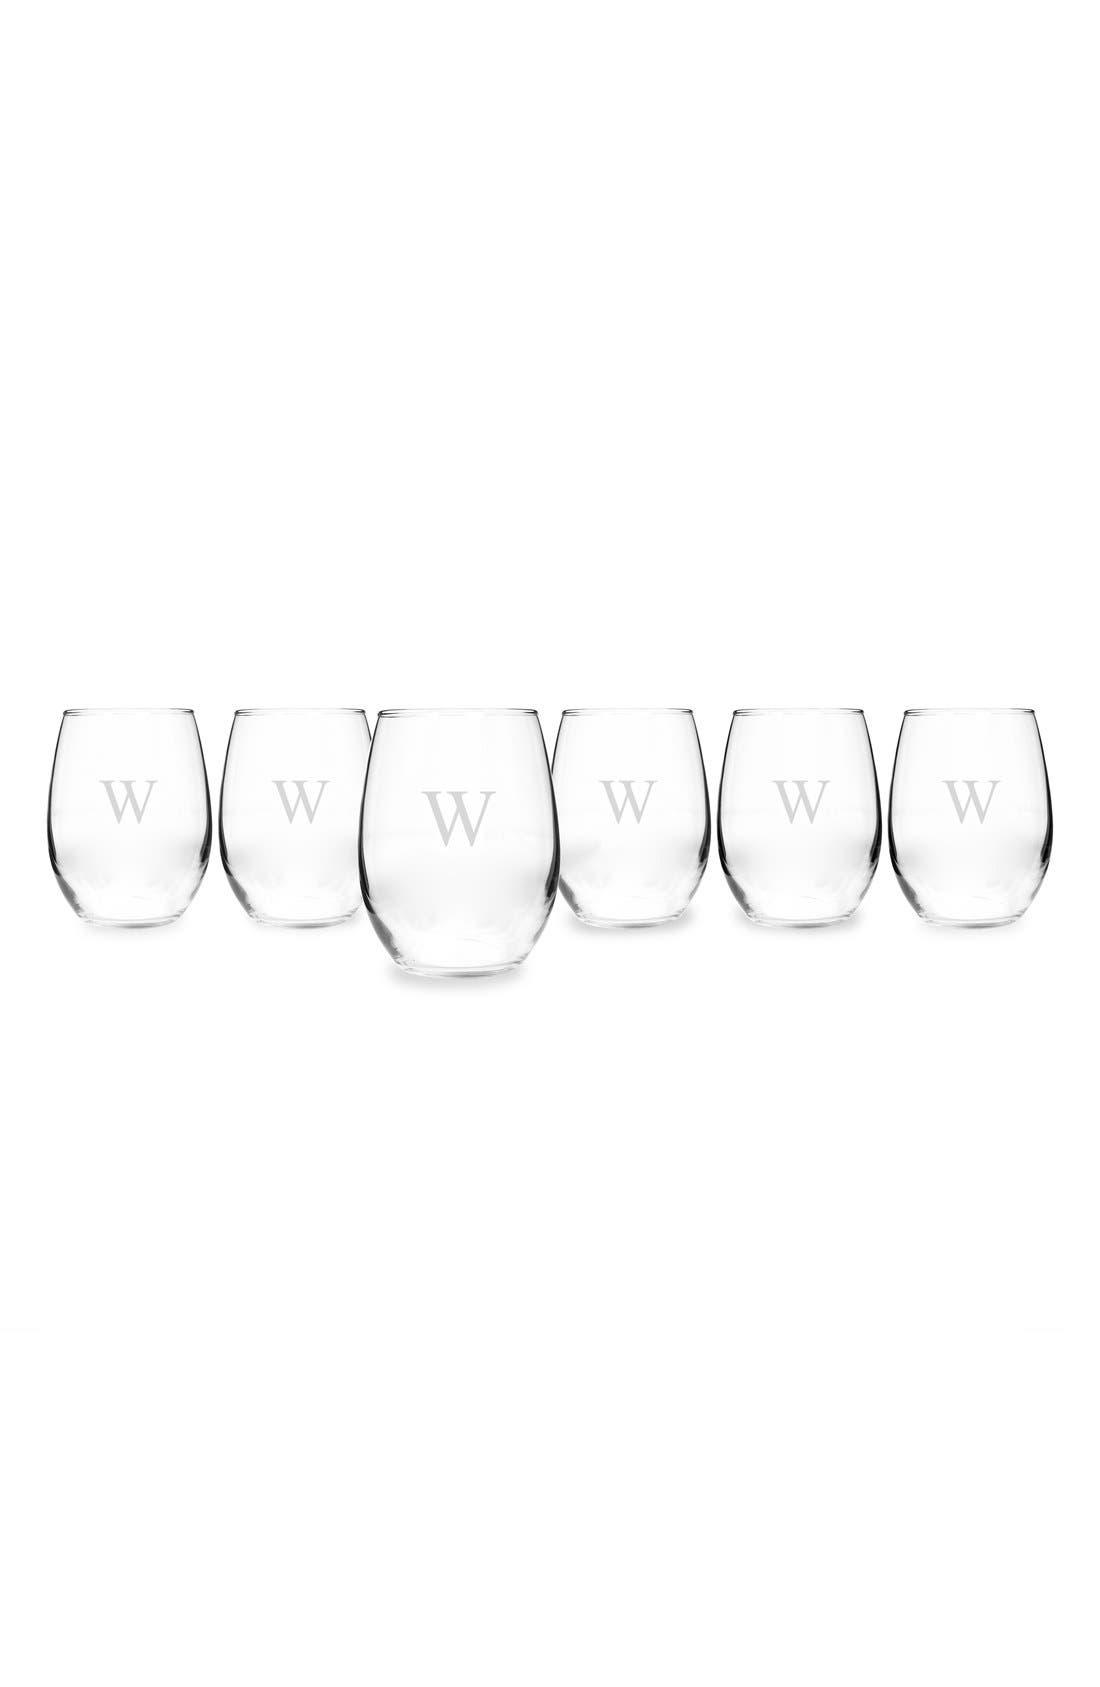 Set of 6 Monogram Stemless Wine Glasses,                             Alternate thumbnail 3, color,                             W